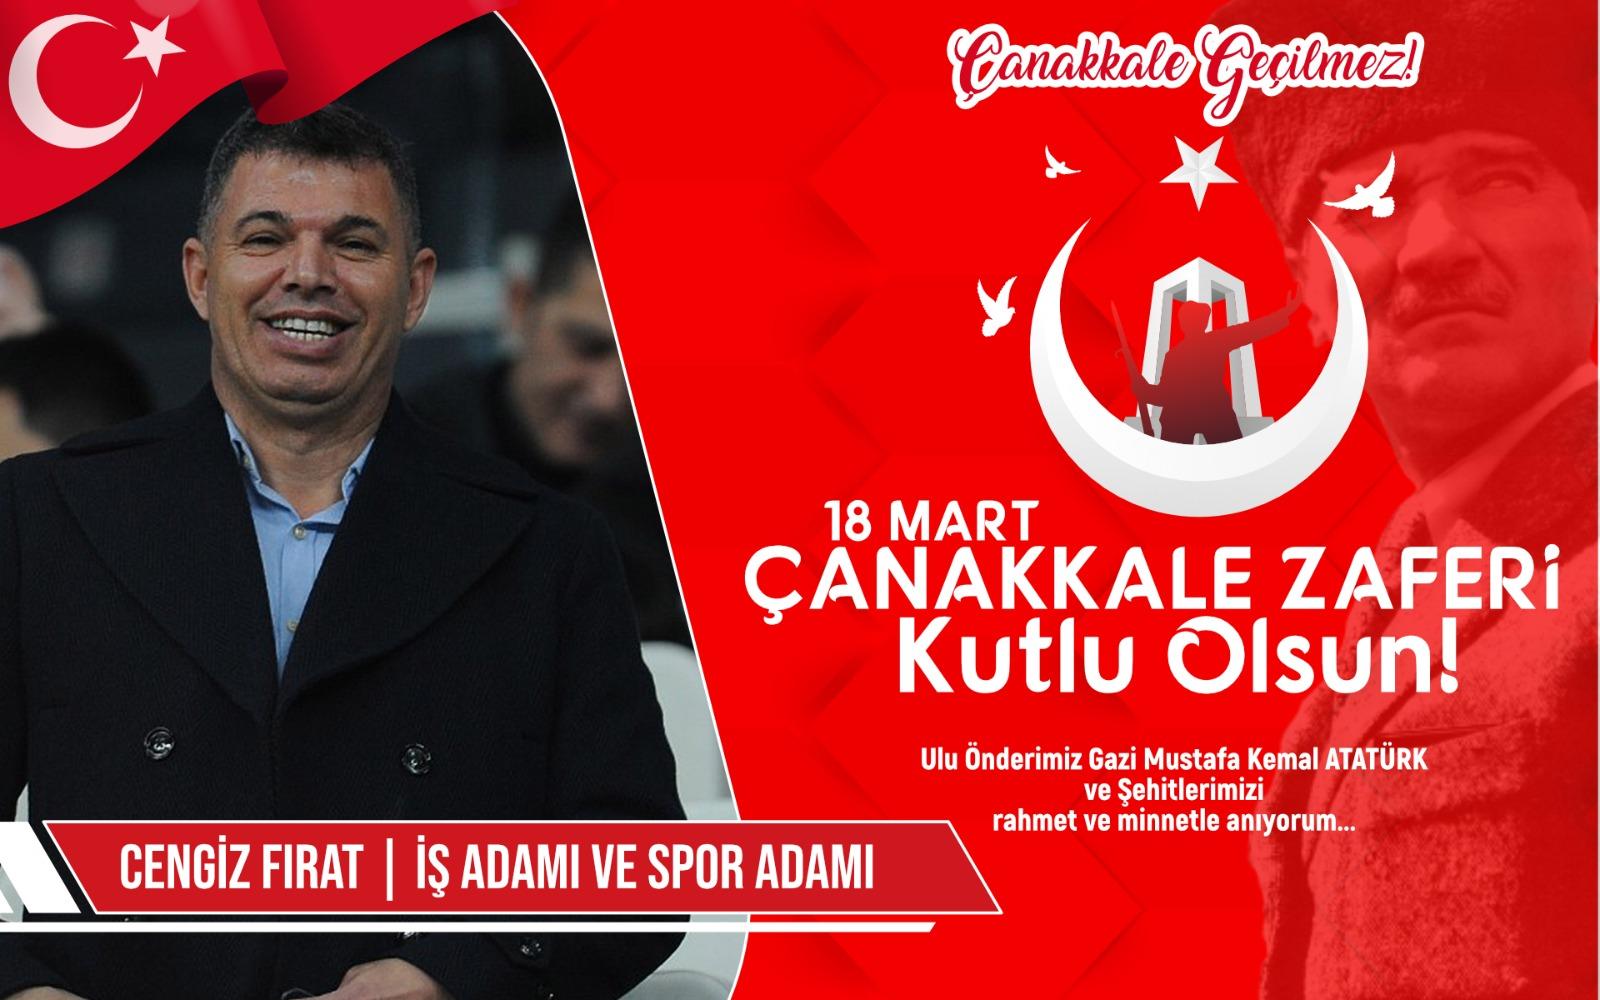 İş Adamı ve Spor adamı Cengiz Fırat'tan Kutlama ve Anma Mesajı